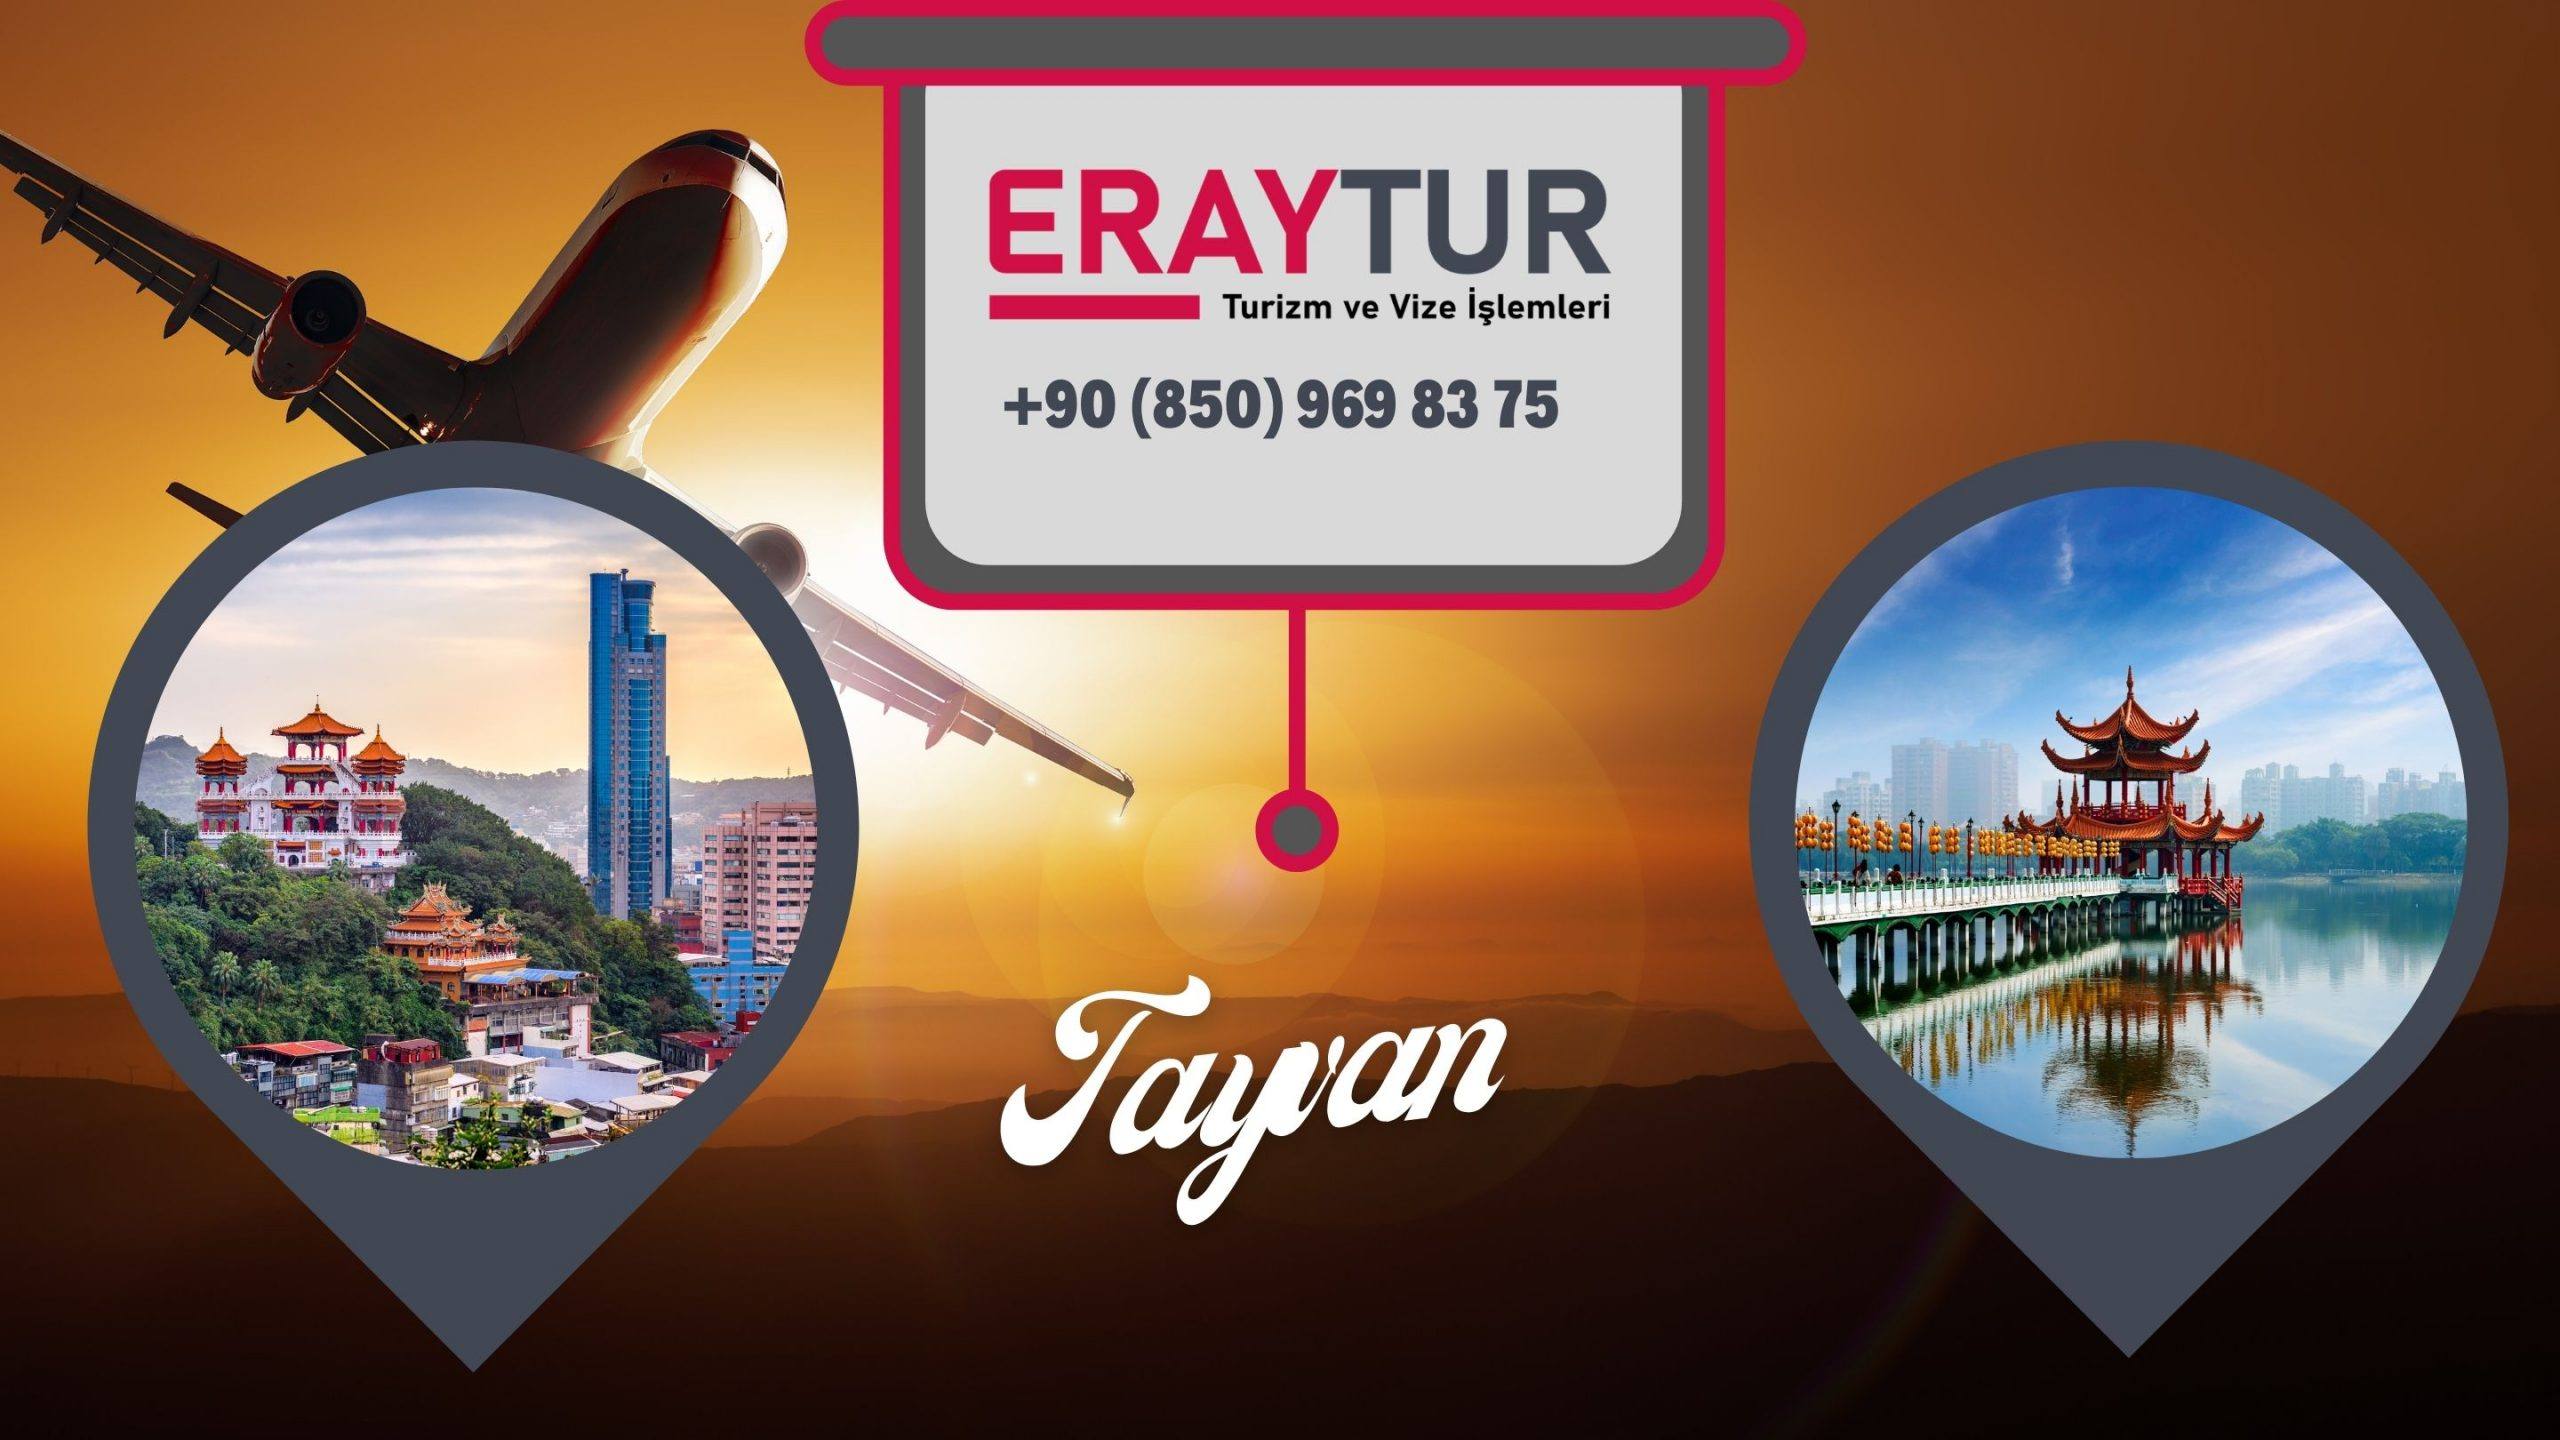 Tayvan Vize Ücreti 1 – tayvan vize ucreti 1 scaled